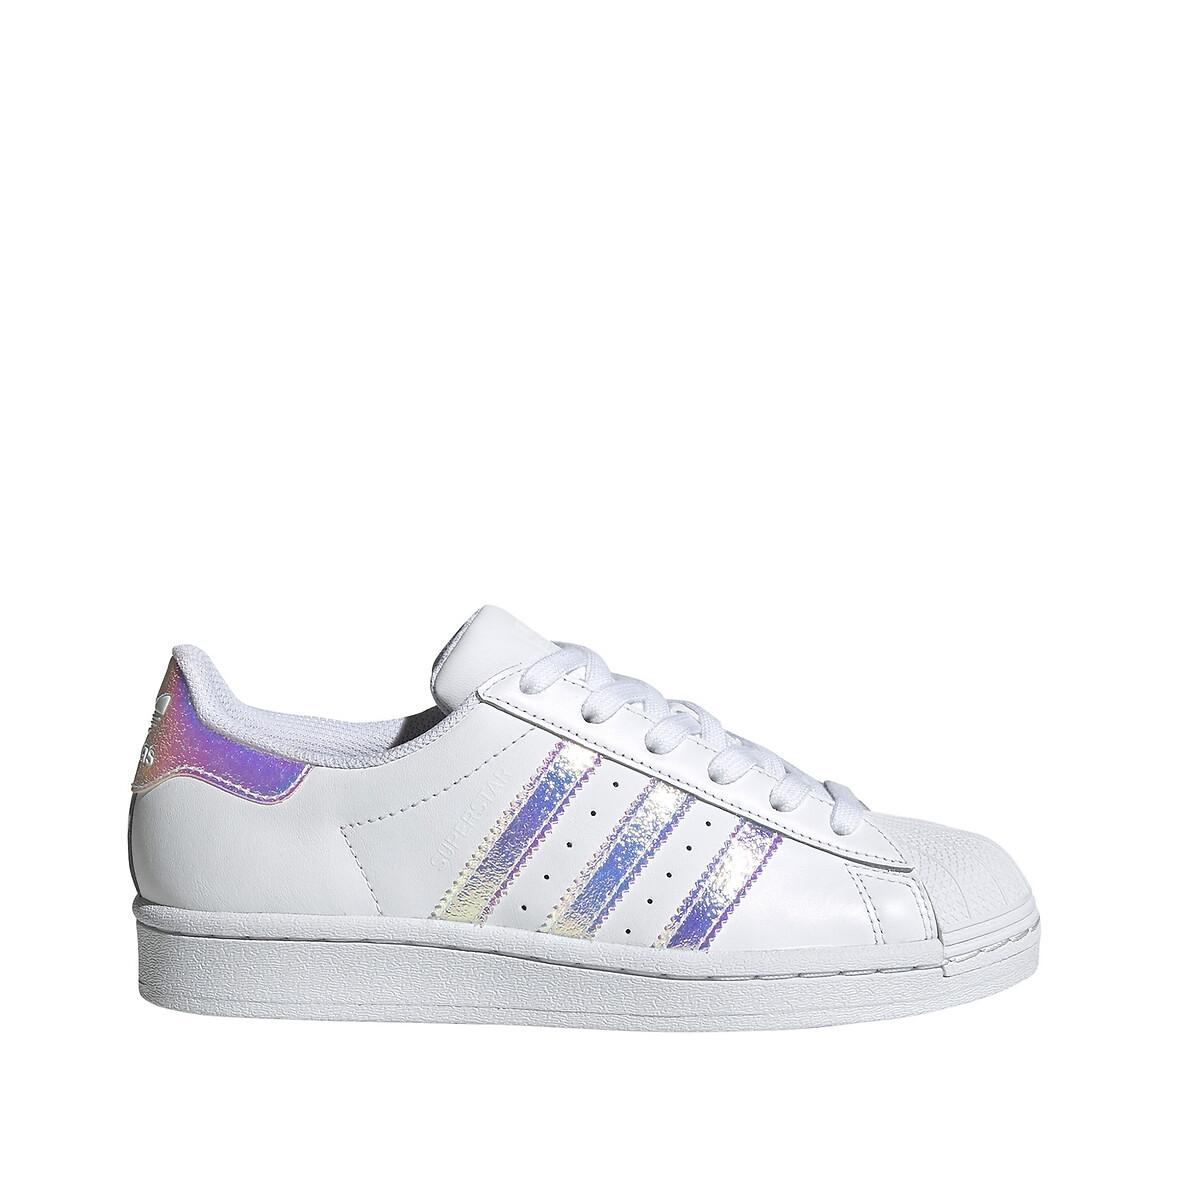 Adidas Originals Superstar Junior White/Iridescent Kind online kopen